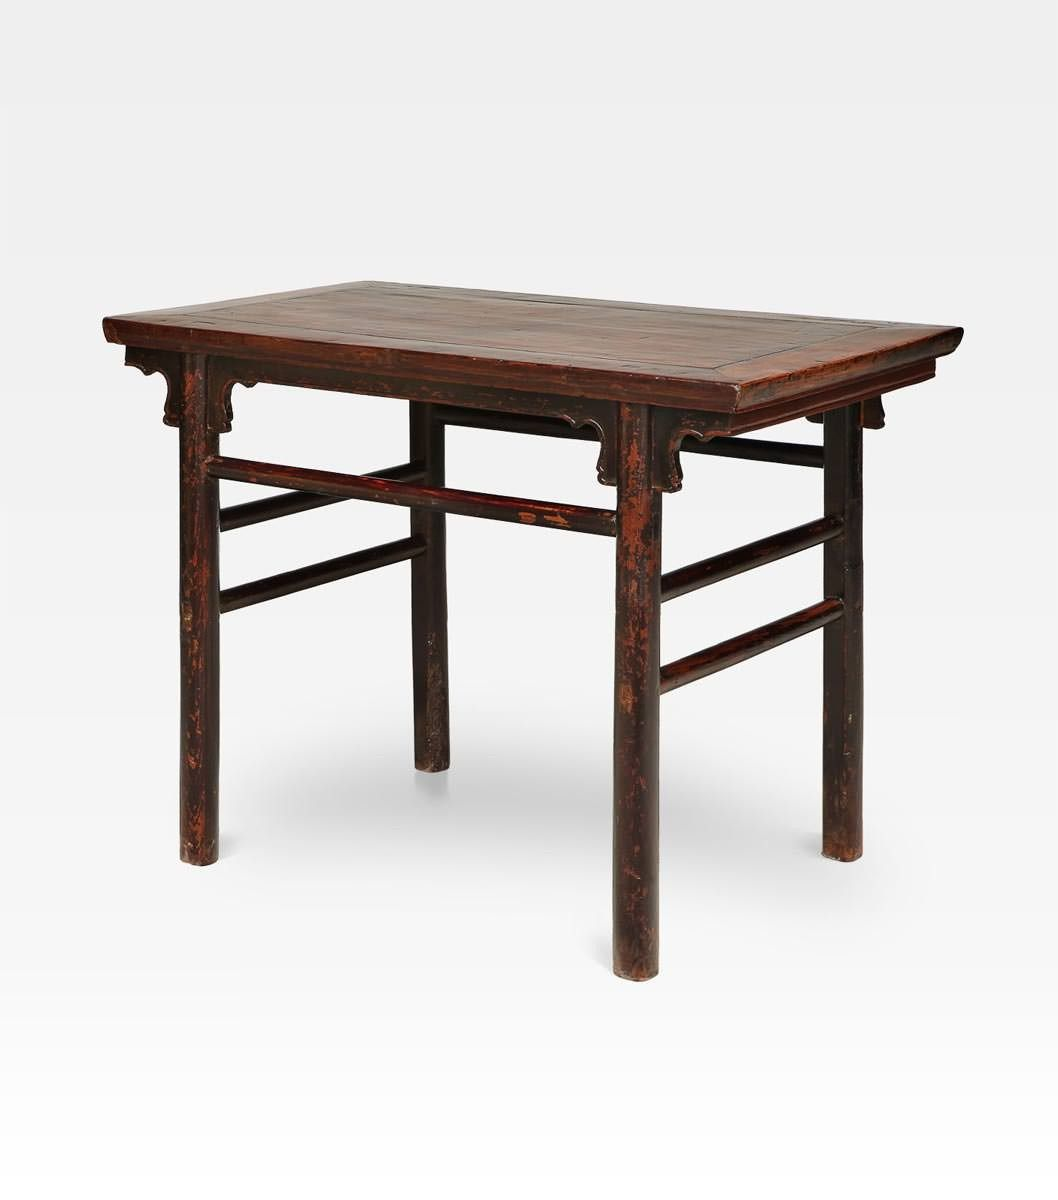 Antico tavolo cina tavolo consolle cinese dall - Consolle che diventa tavolo ...